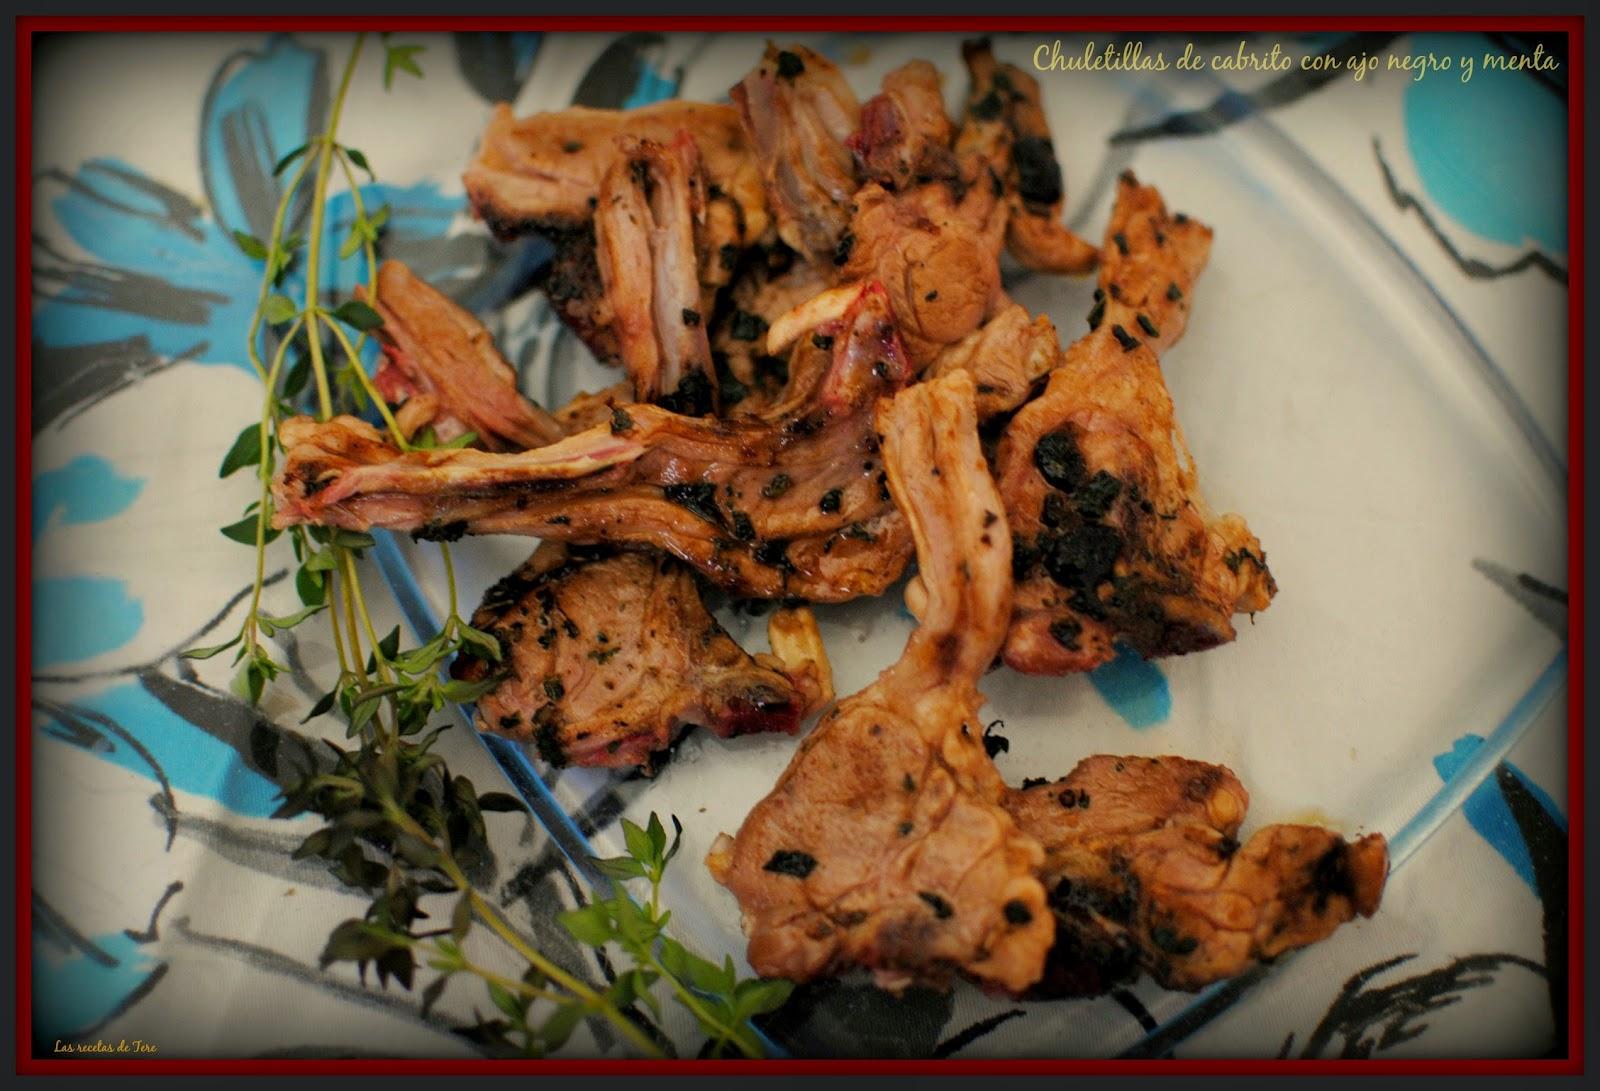 chuletillas de cabrito con ajo negro y menta tererecetas 05